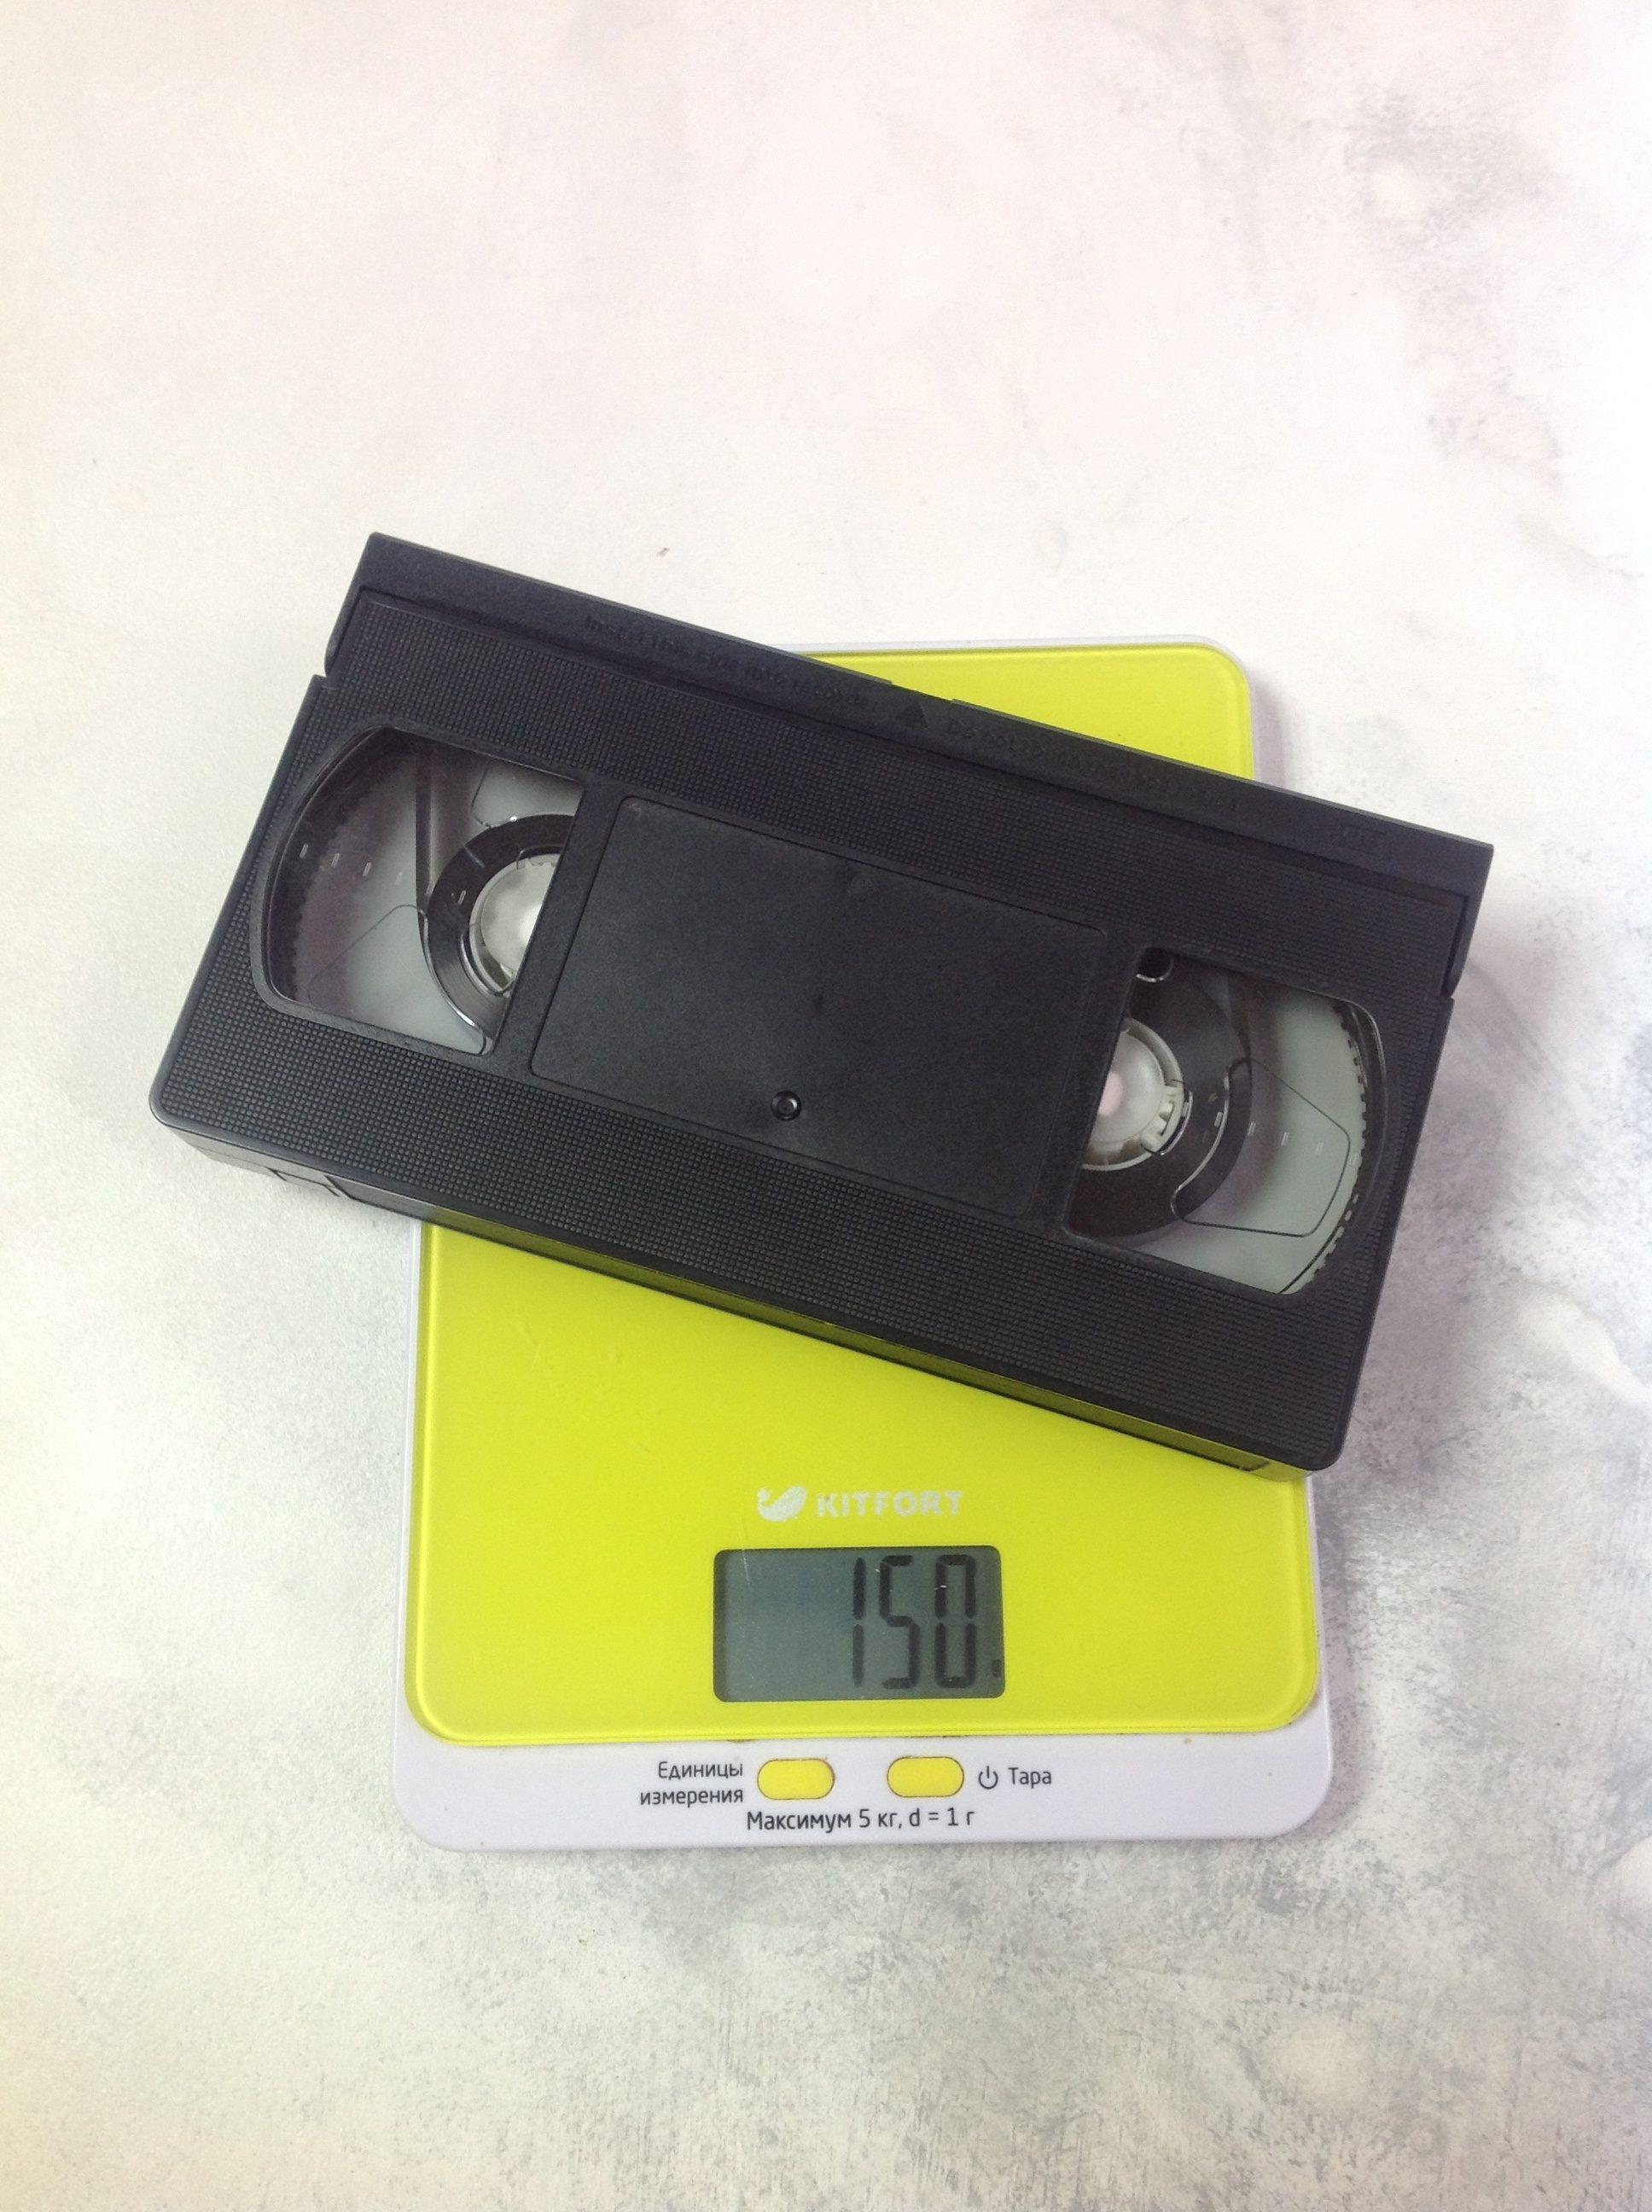 вес видеокассеты